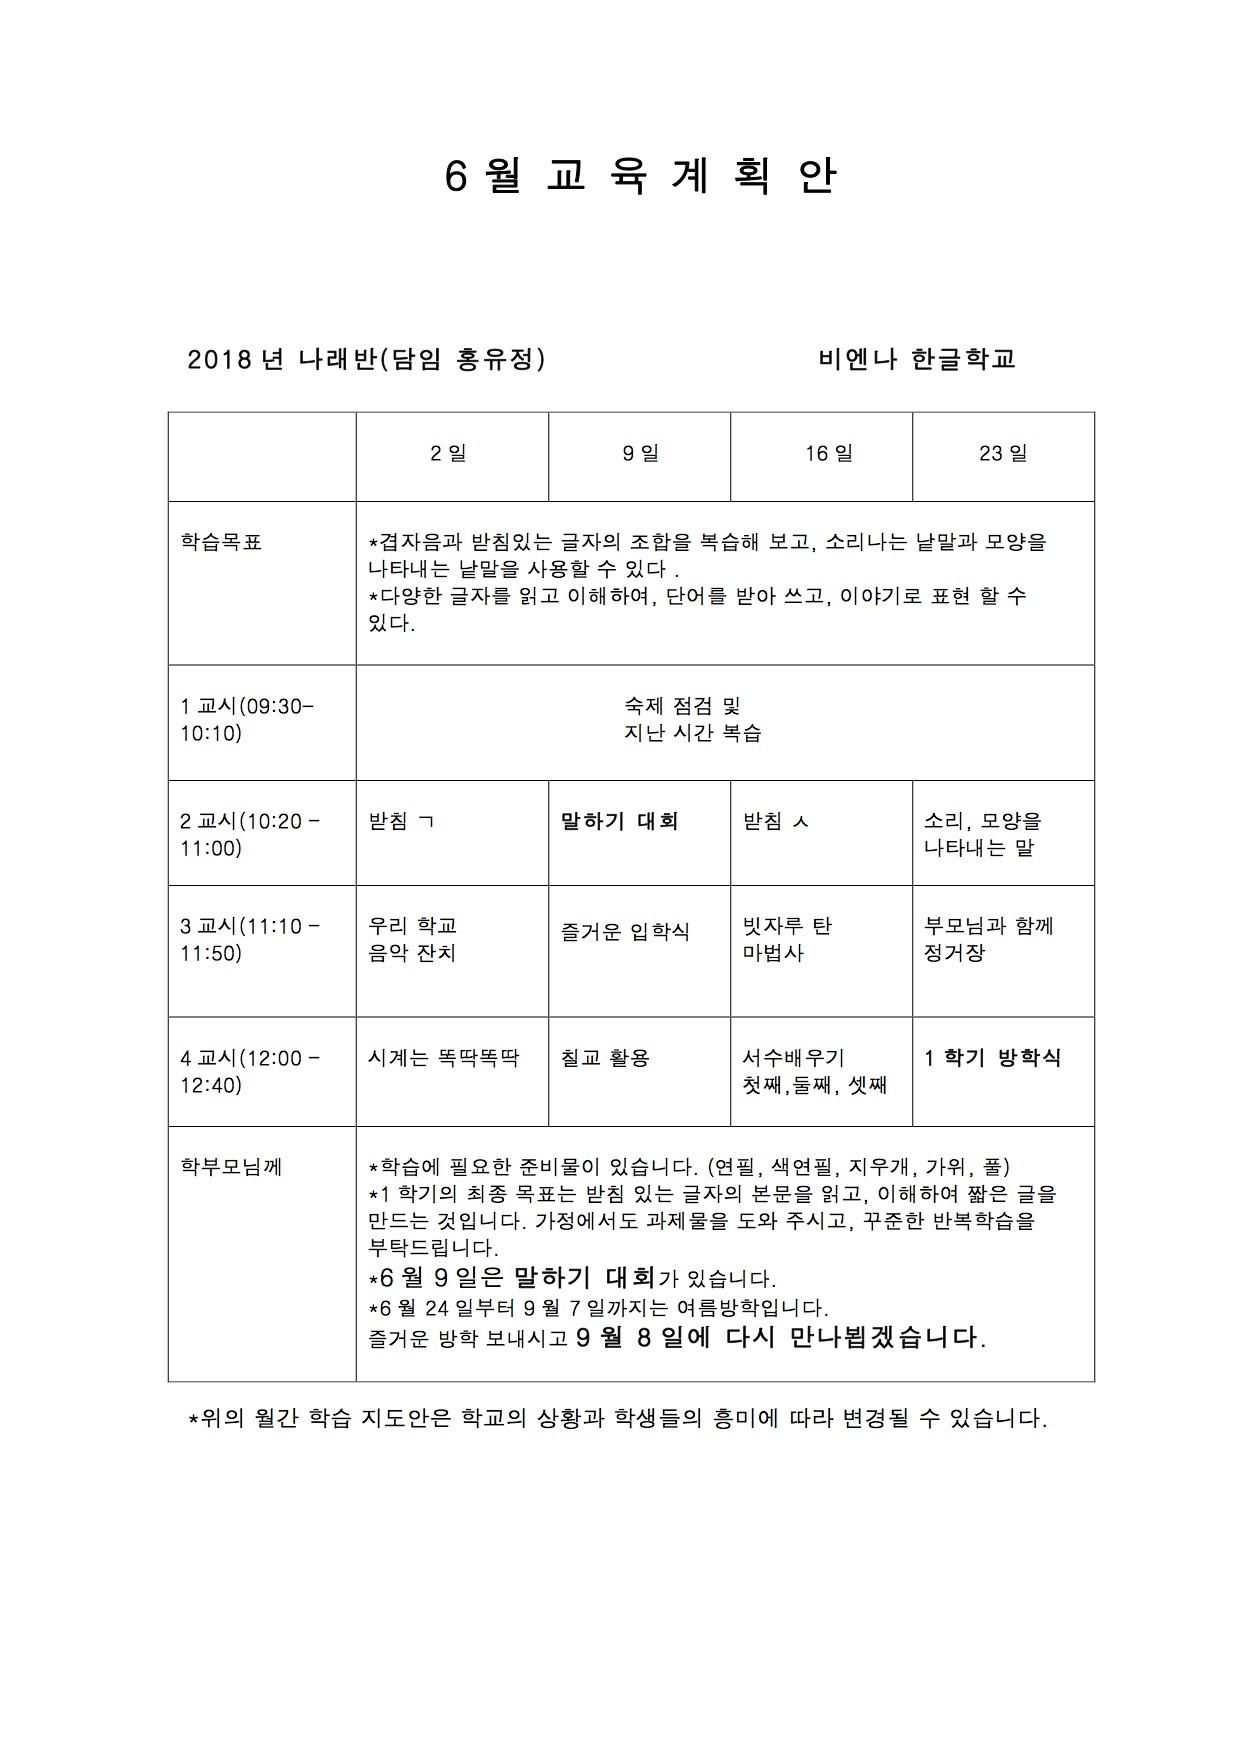 2018 6월 교 육 계 획 안 복사본.jpg